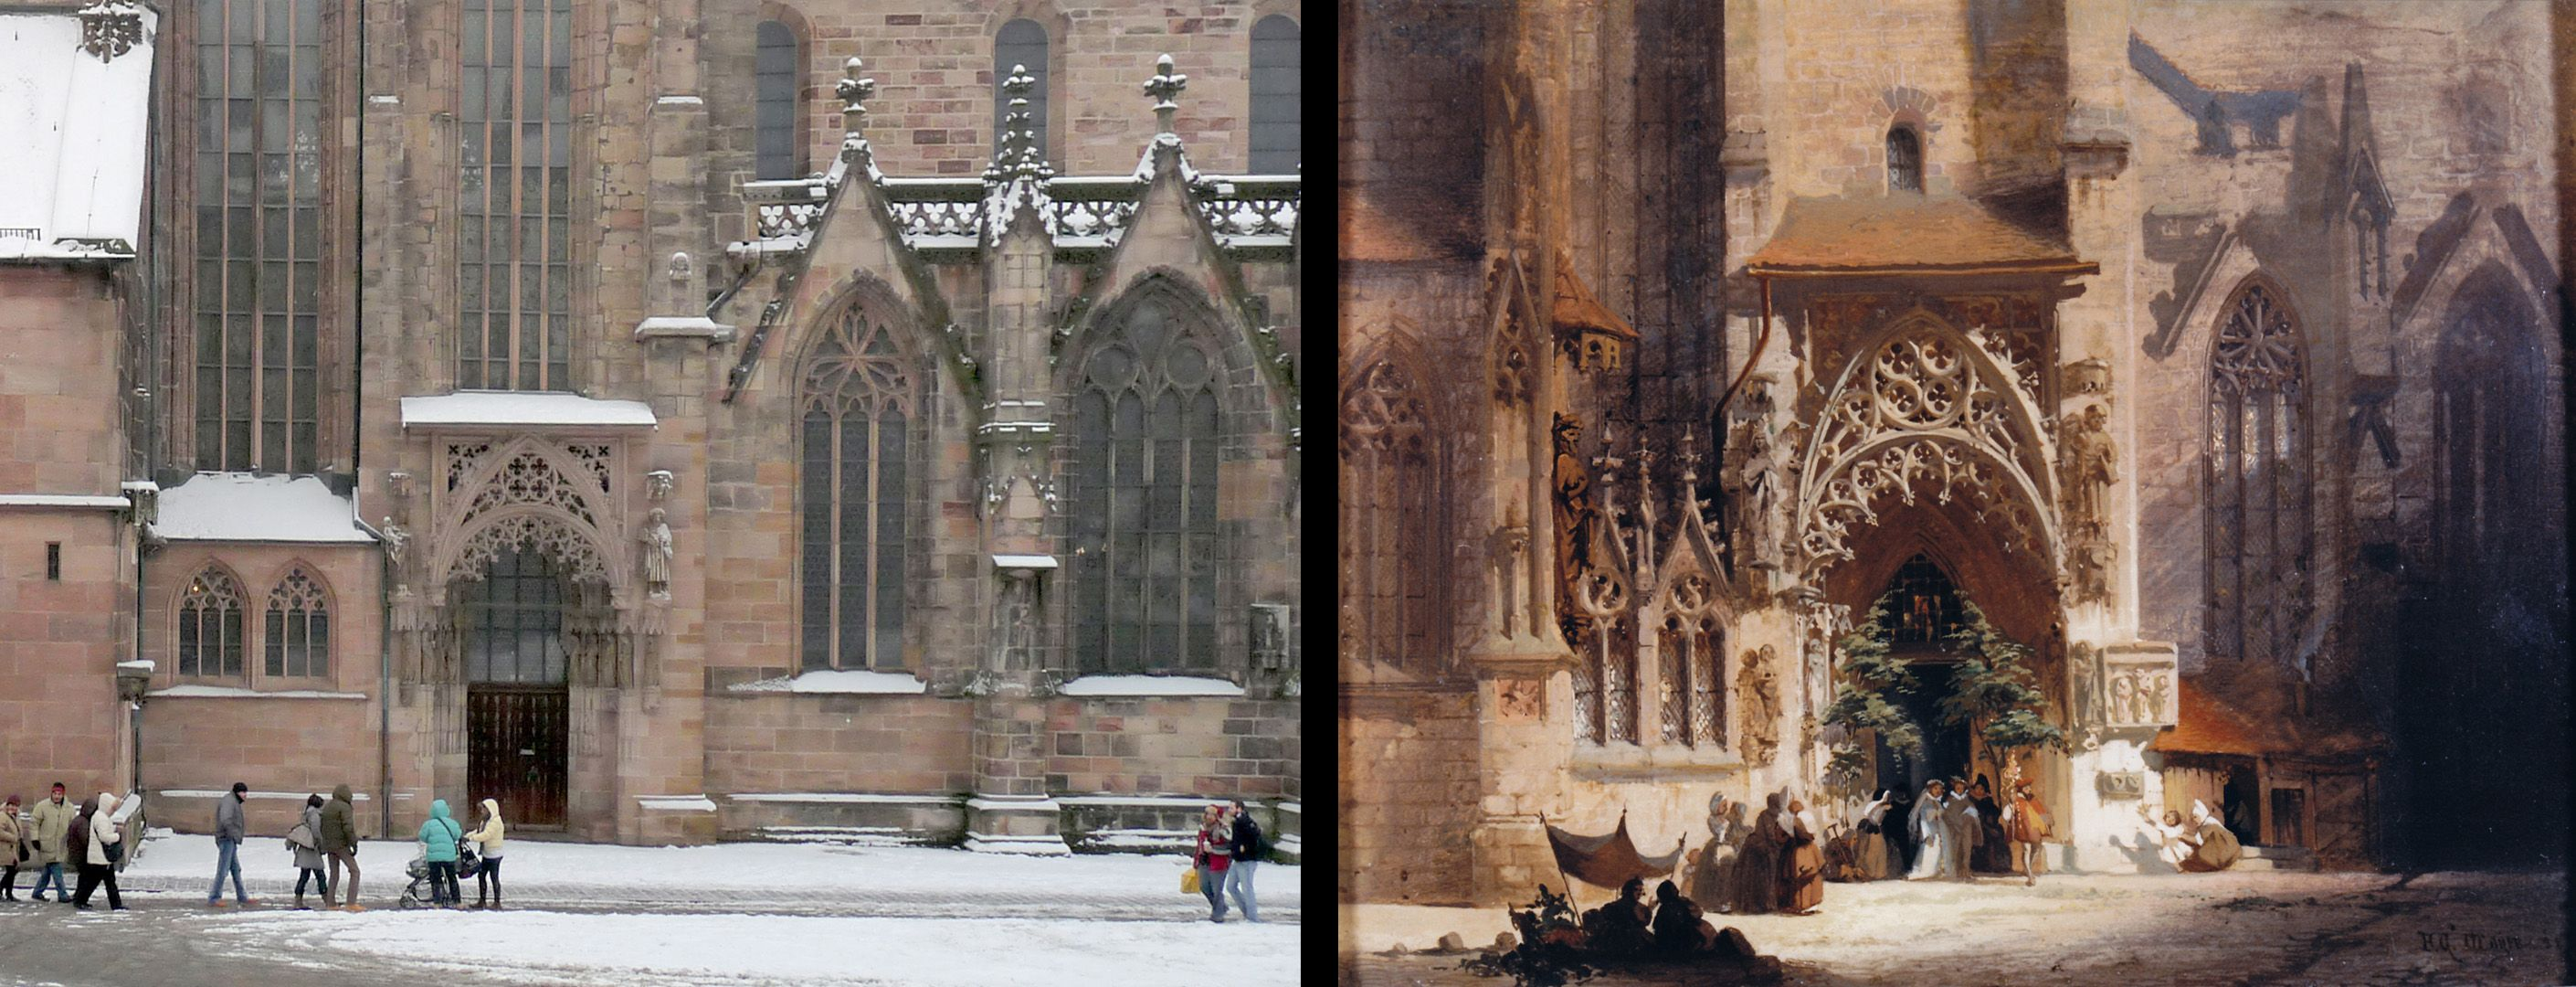 Brautportal an der Sebalduskirche Fotovergleich mit dem tatsächlichem Zustand